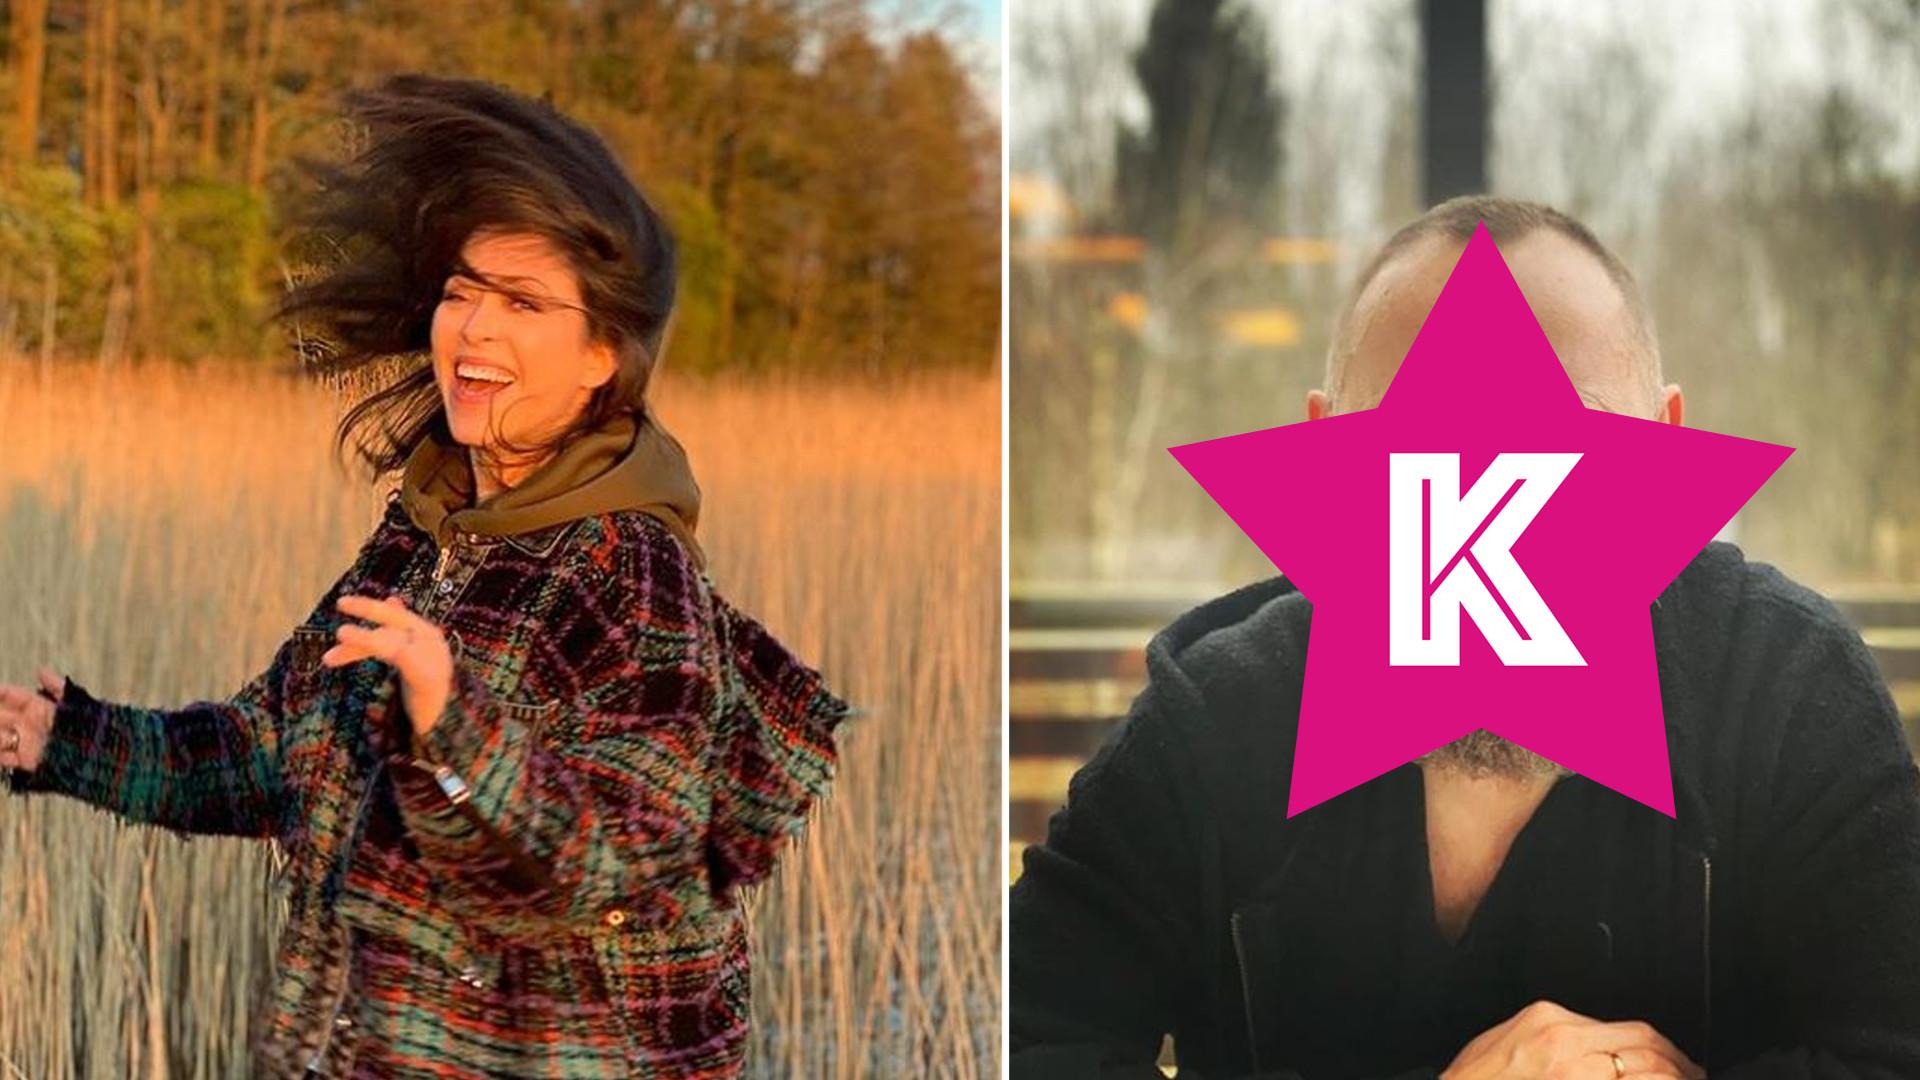 Natalia Kukulska pokazała romantyczne zdjęcie z mężem – taka fotka na jej profilu to rzadkość